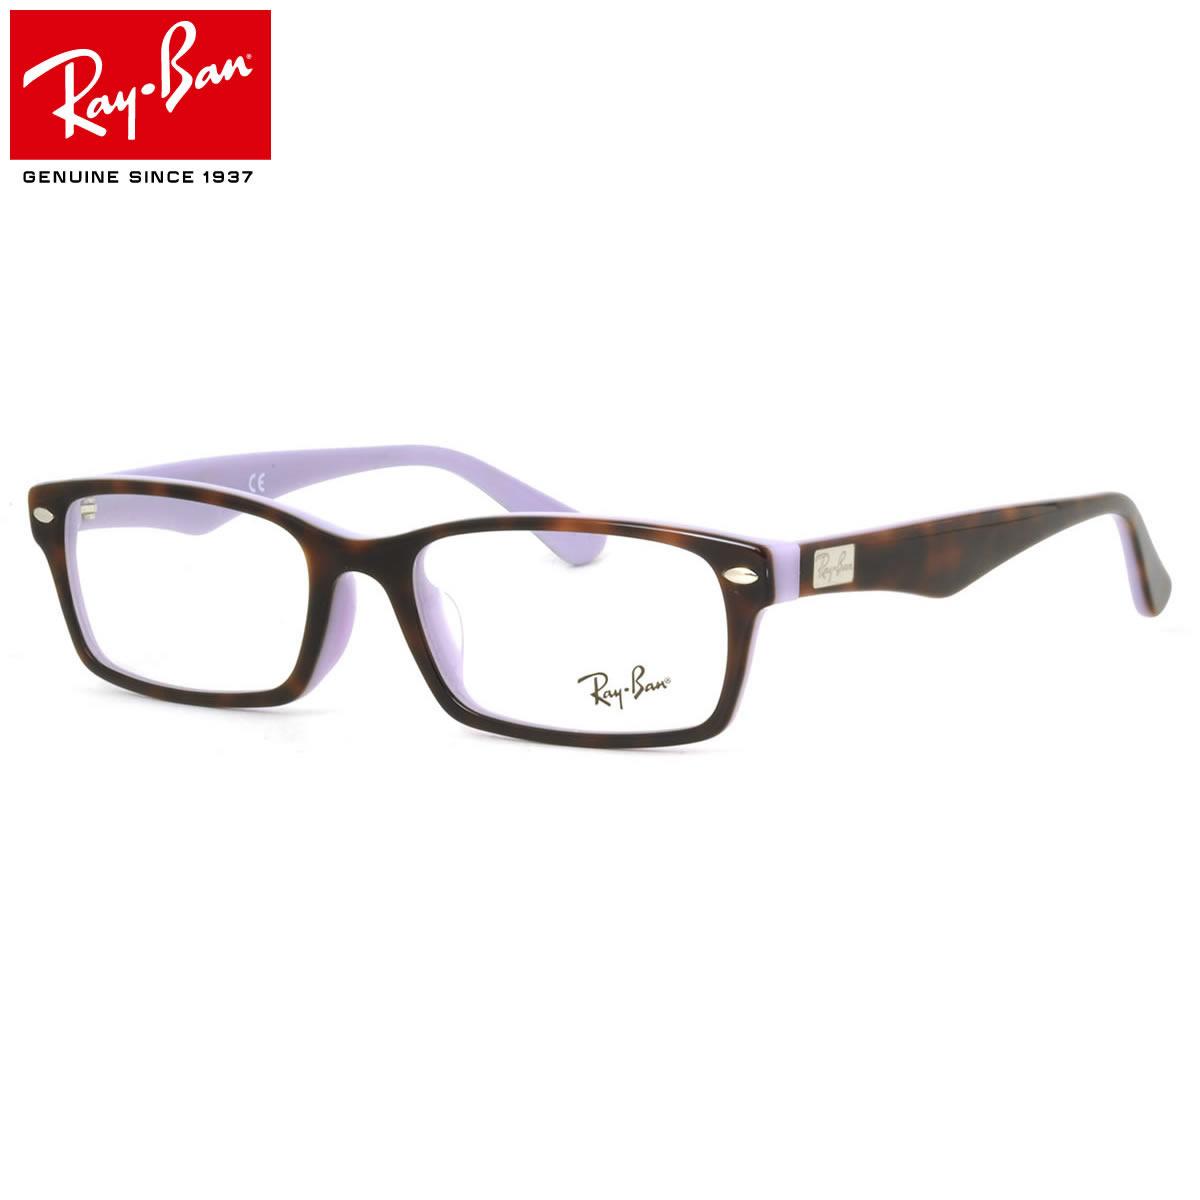 ほぼ全品ポイント15倍~最大34倍+2倍! レイバン メガネ フレーム Ray-Ban RX5206F 5240 54サイズ レクタングル レイバン RAYBAN メンズ レディース